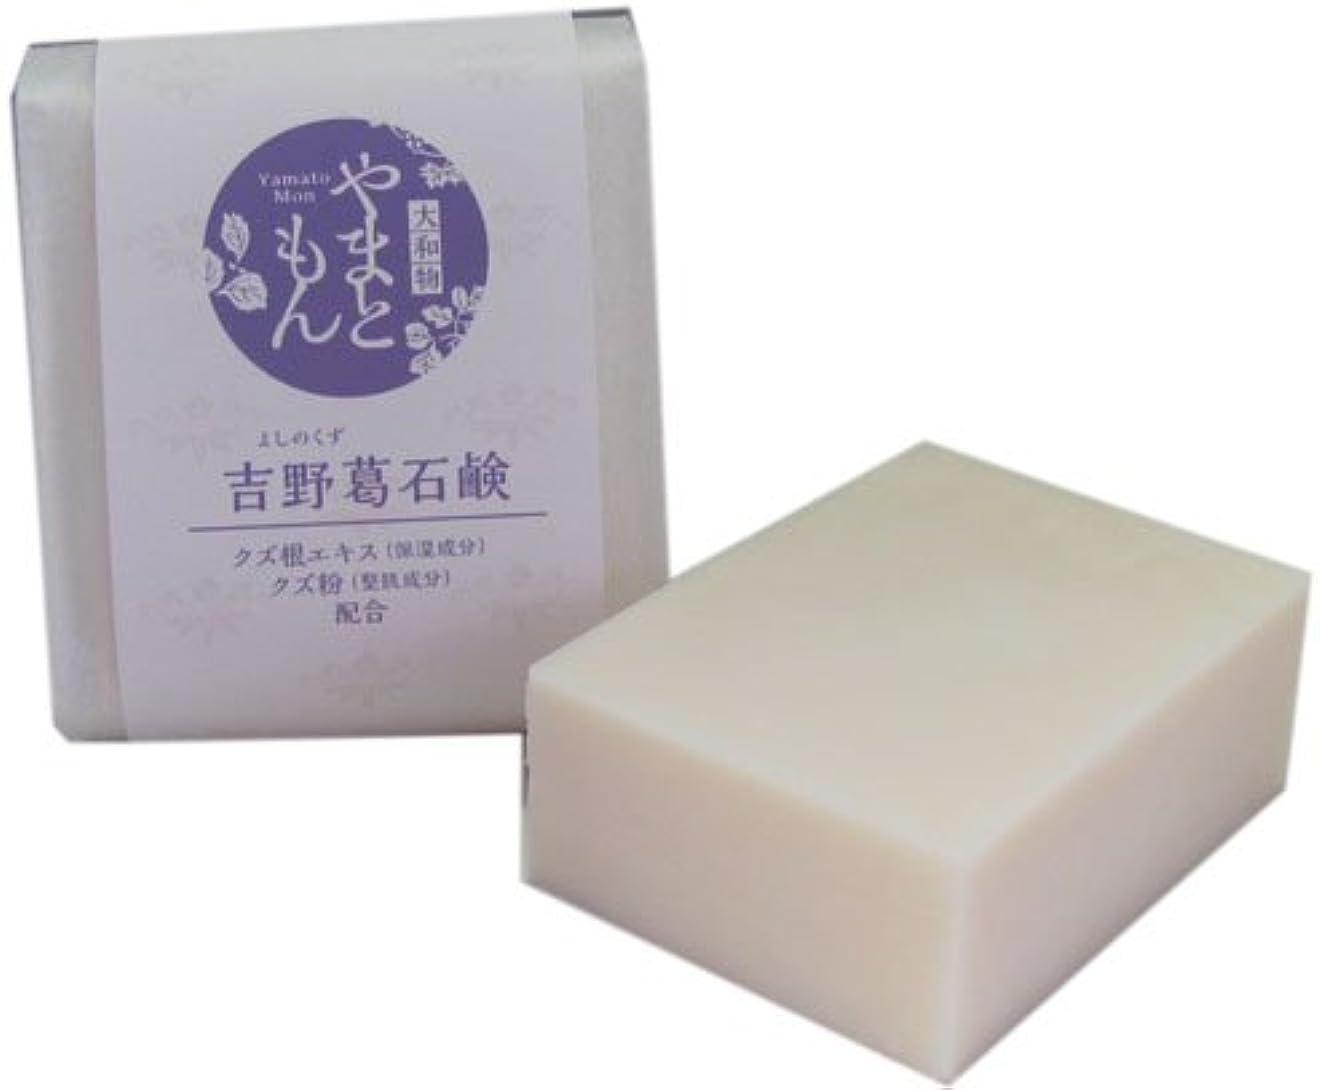 奈良産和漢生薬エキス使用やまともん化粧品 吉野葛石鹸(よしのくずせっけん)